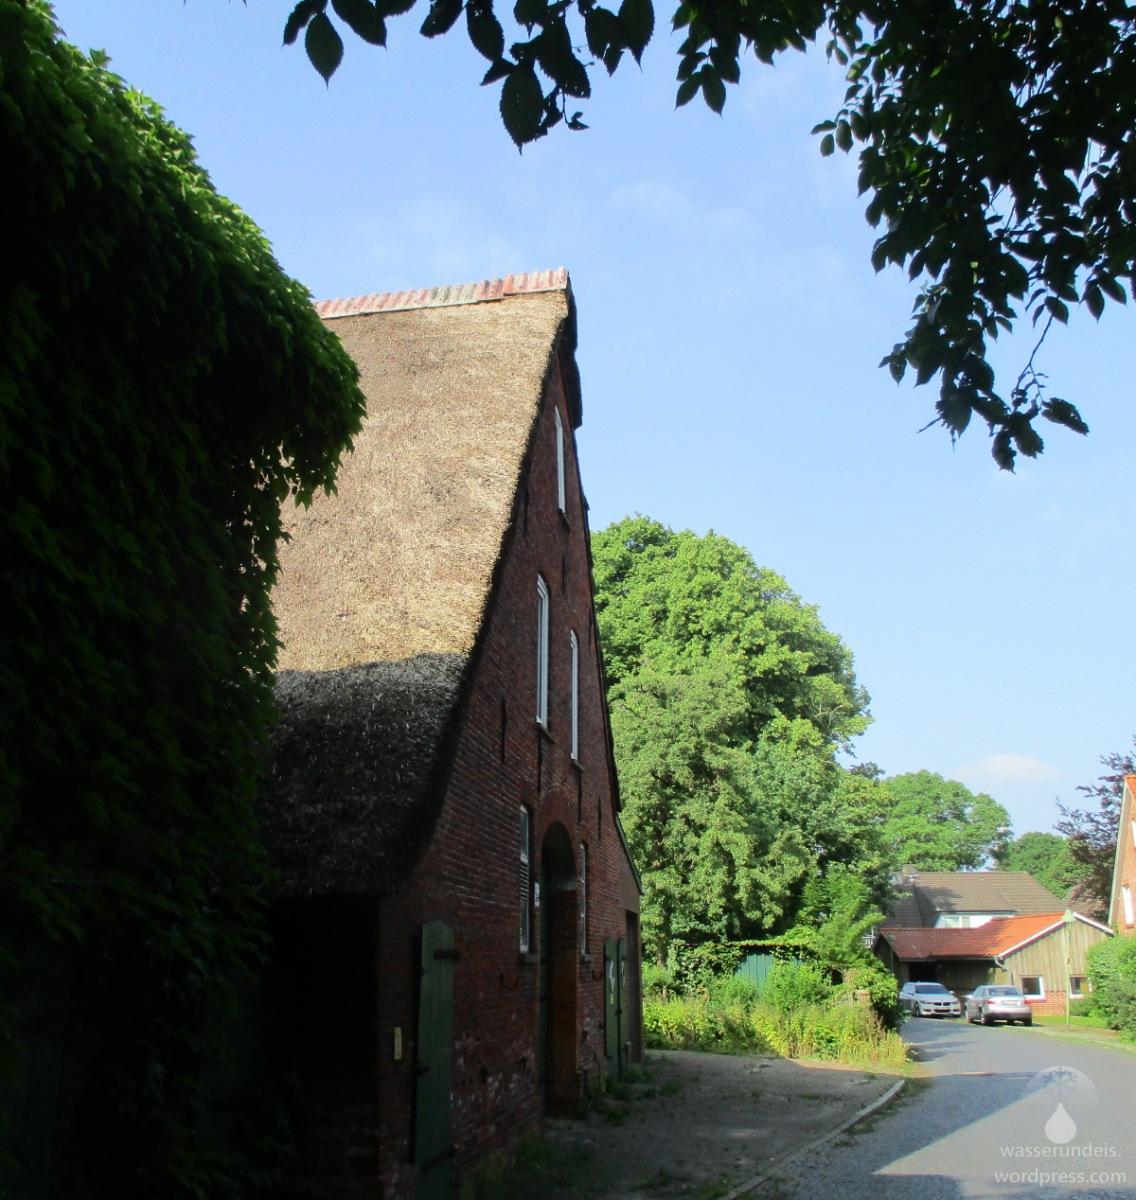 Weddewarden: Das friesische Dorf in Bremerhaven